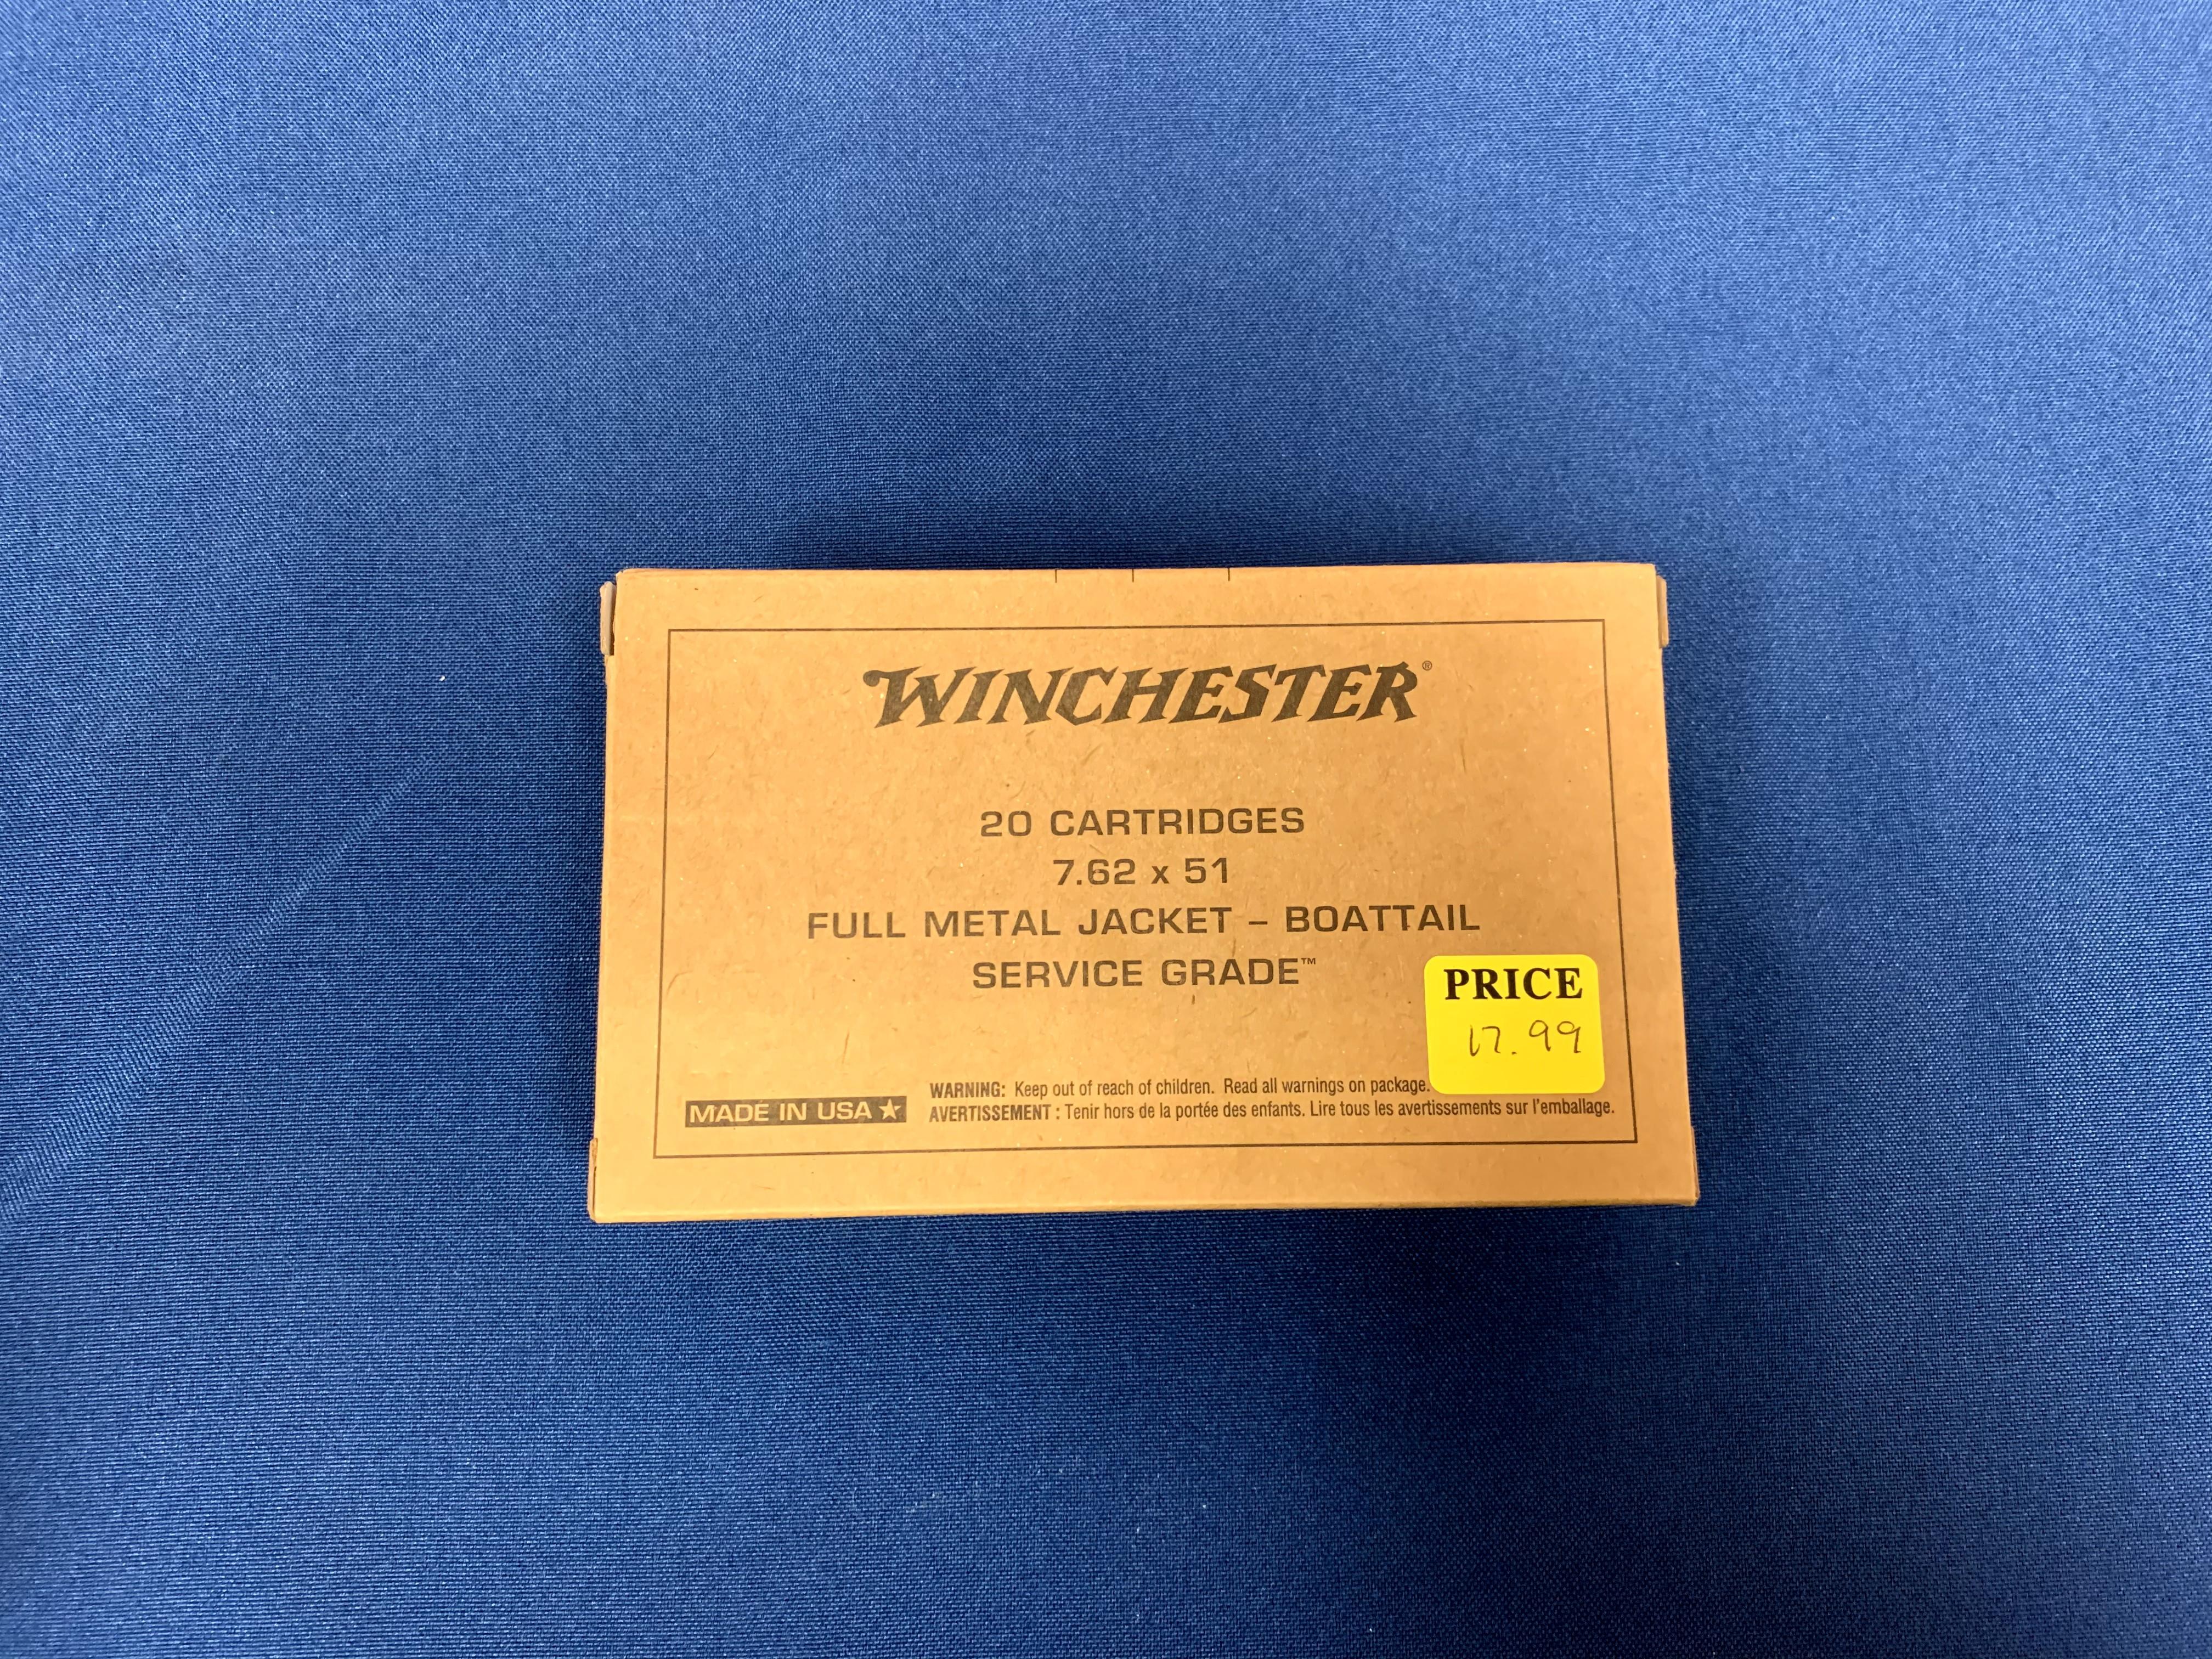 Winchester 7.62x51